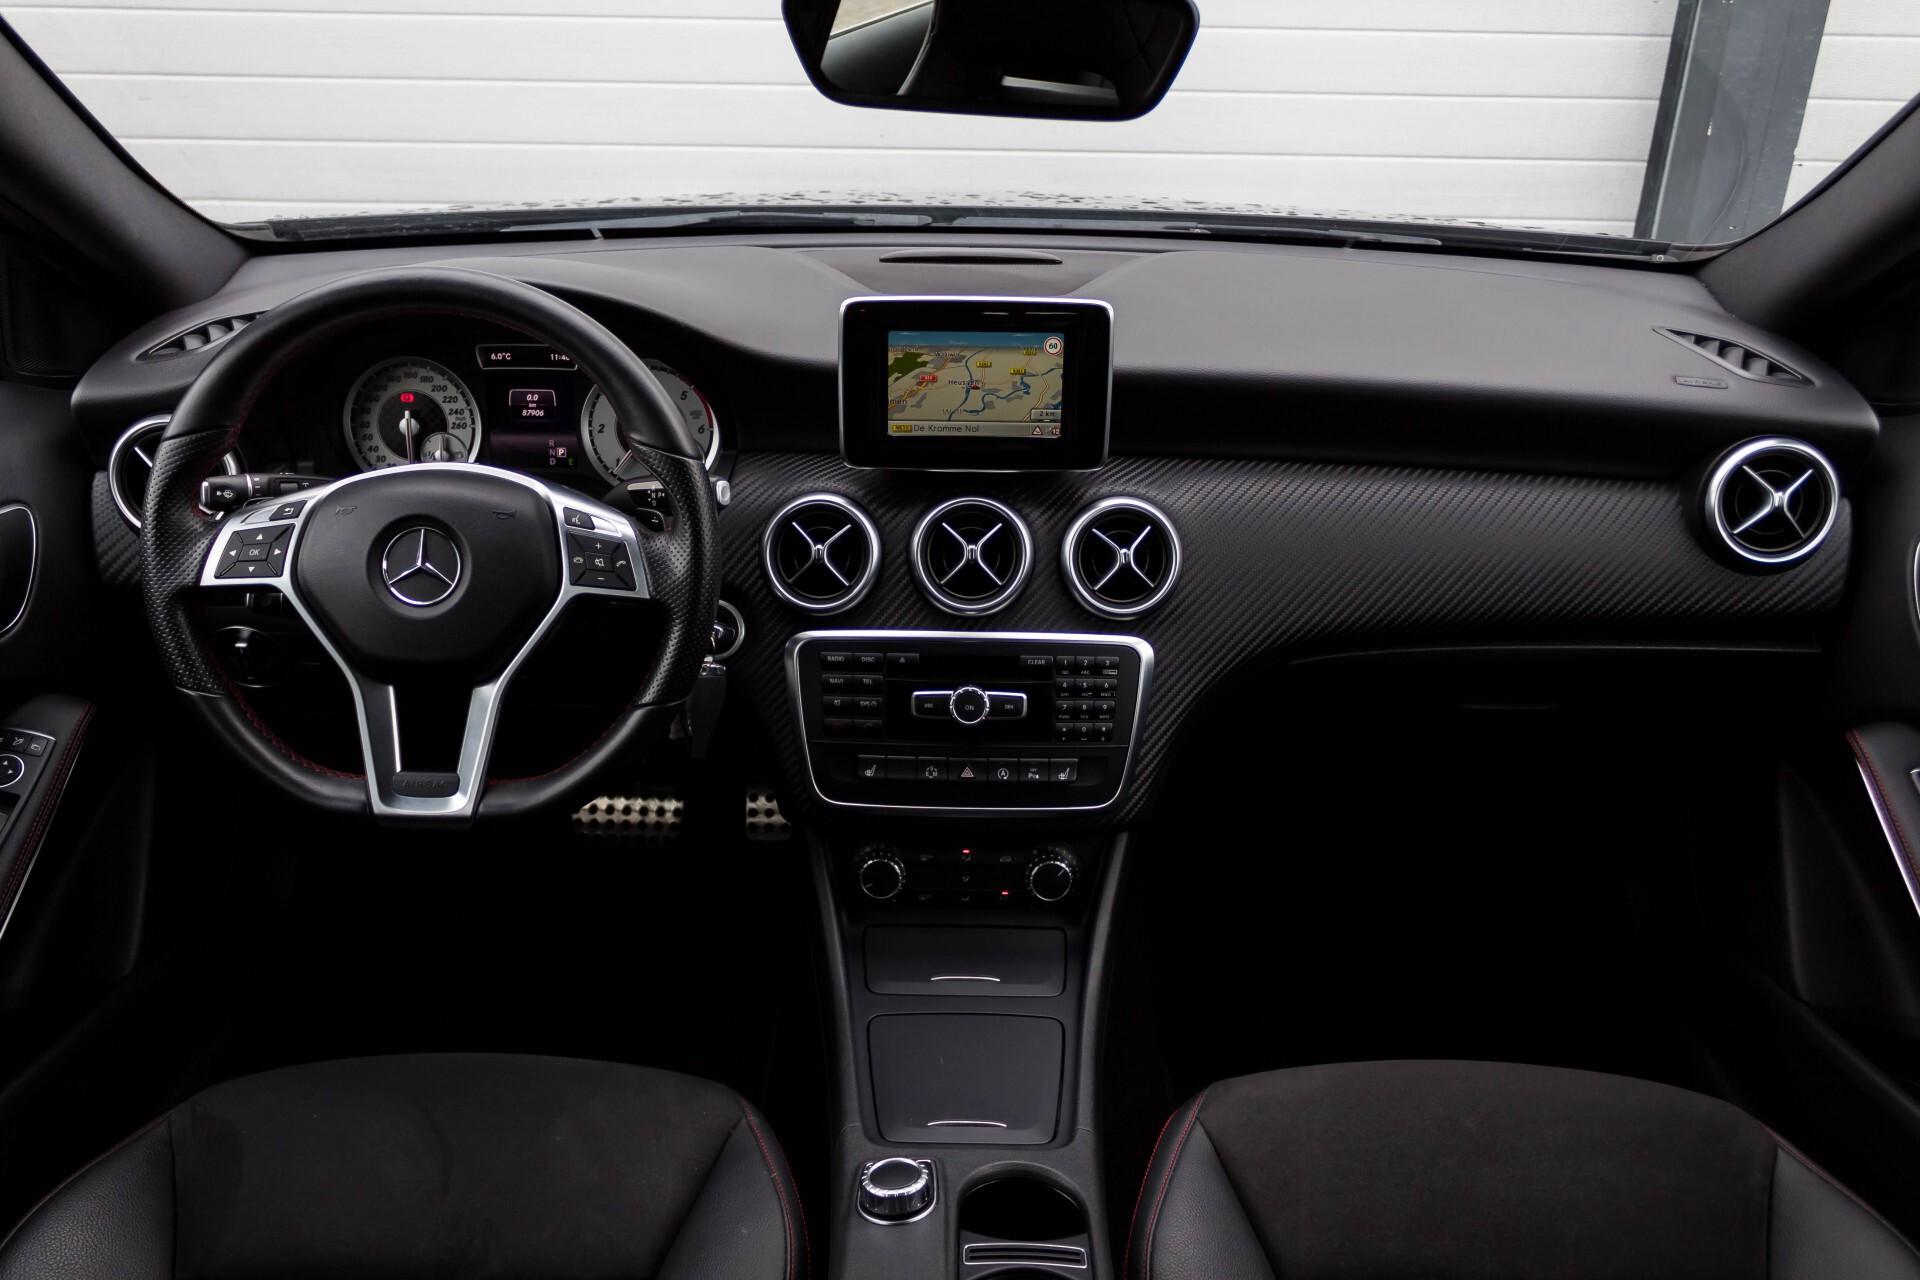 Mercedes-Benz A-Klasse 180 Cdi AMG Panorama Bi-xenon/Navi/PTS Aut7 Foto 7